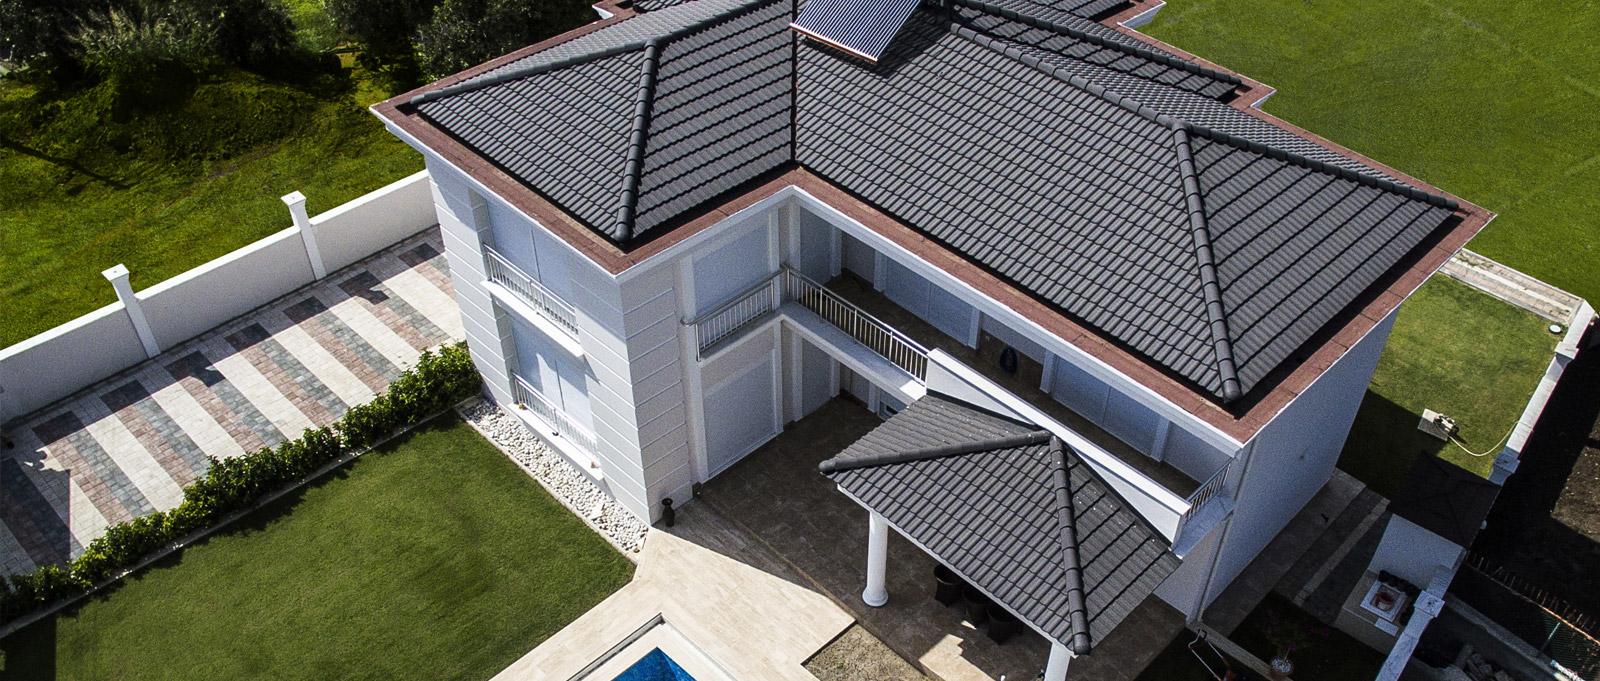 çatı ile ilgili görsel sonucu